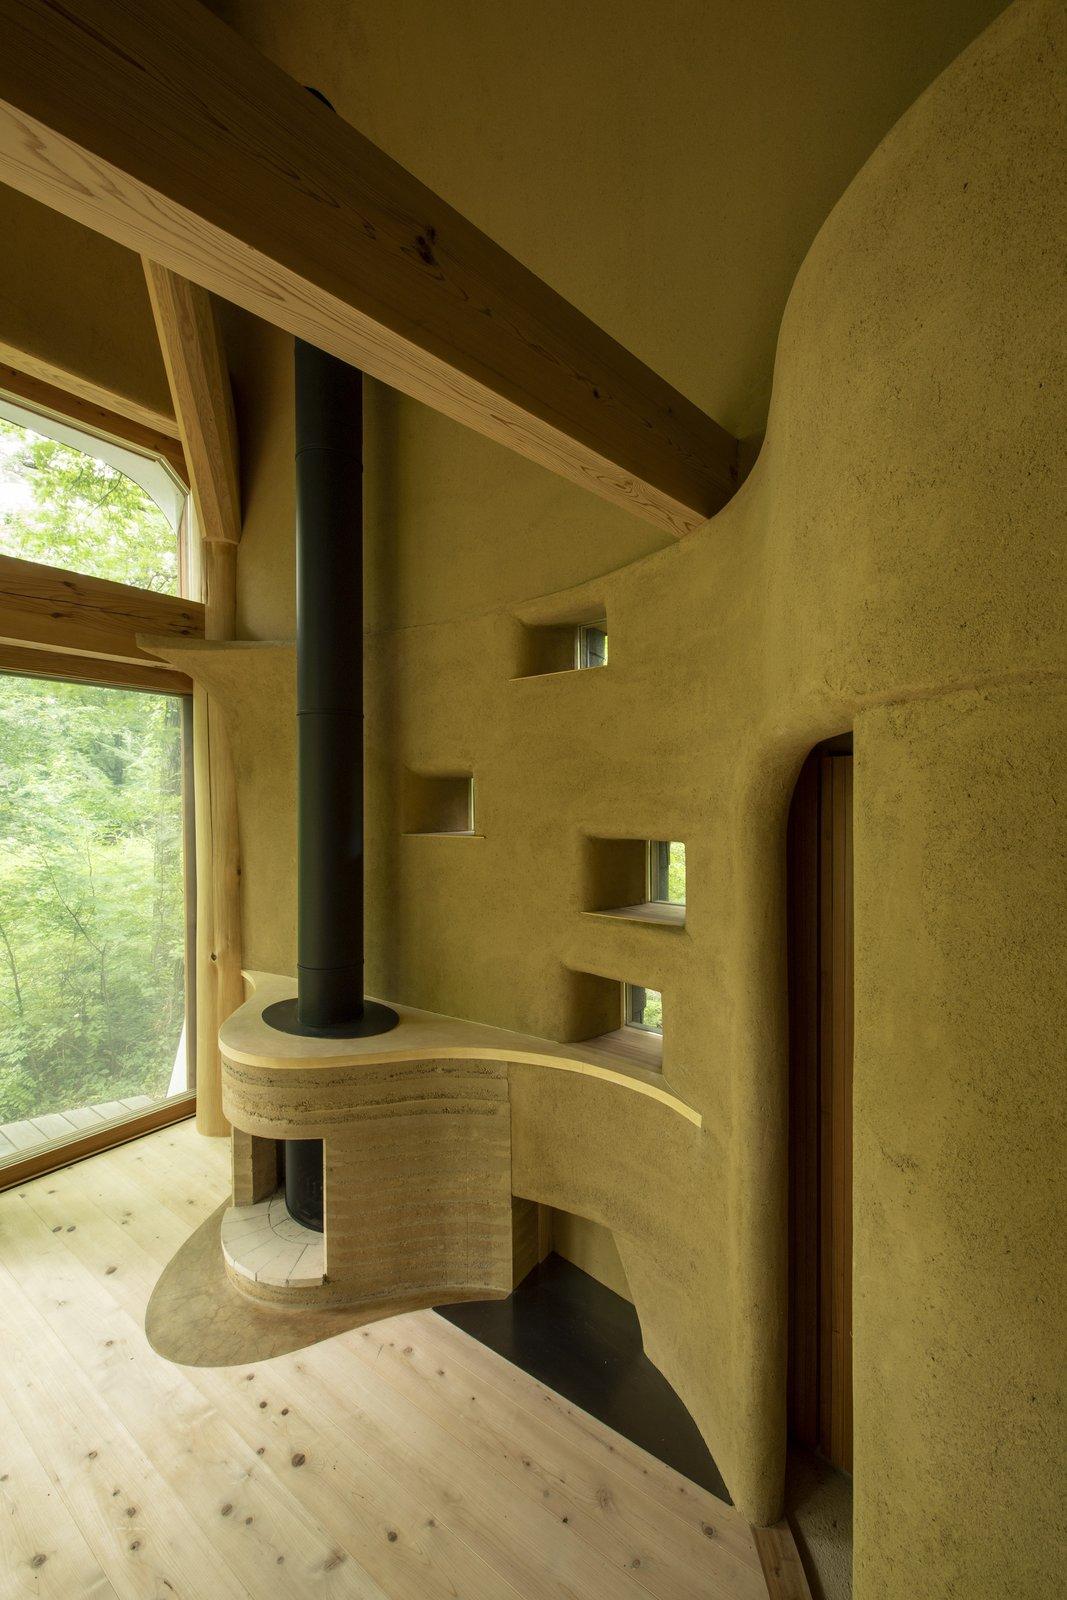 Fireplace of Shell House by Tono Mirai Architects.